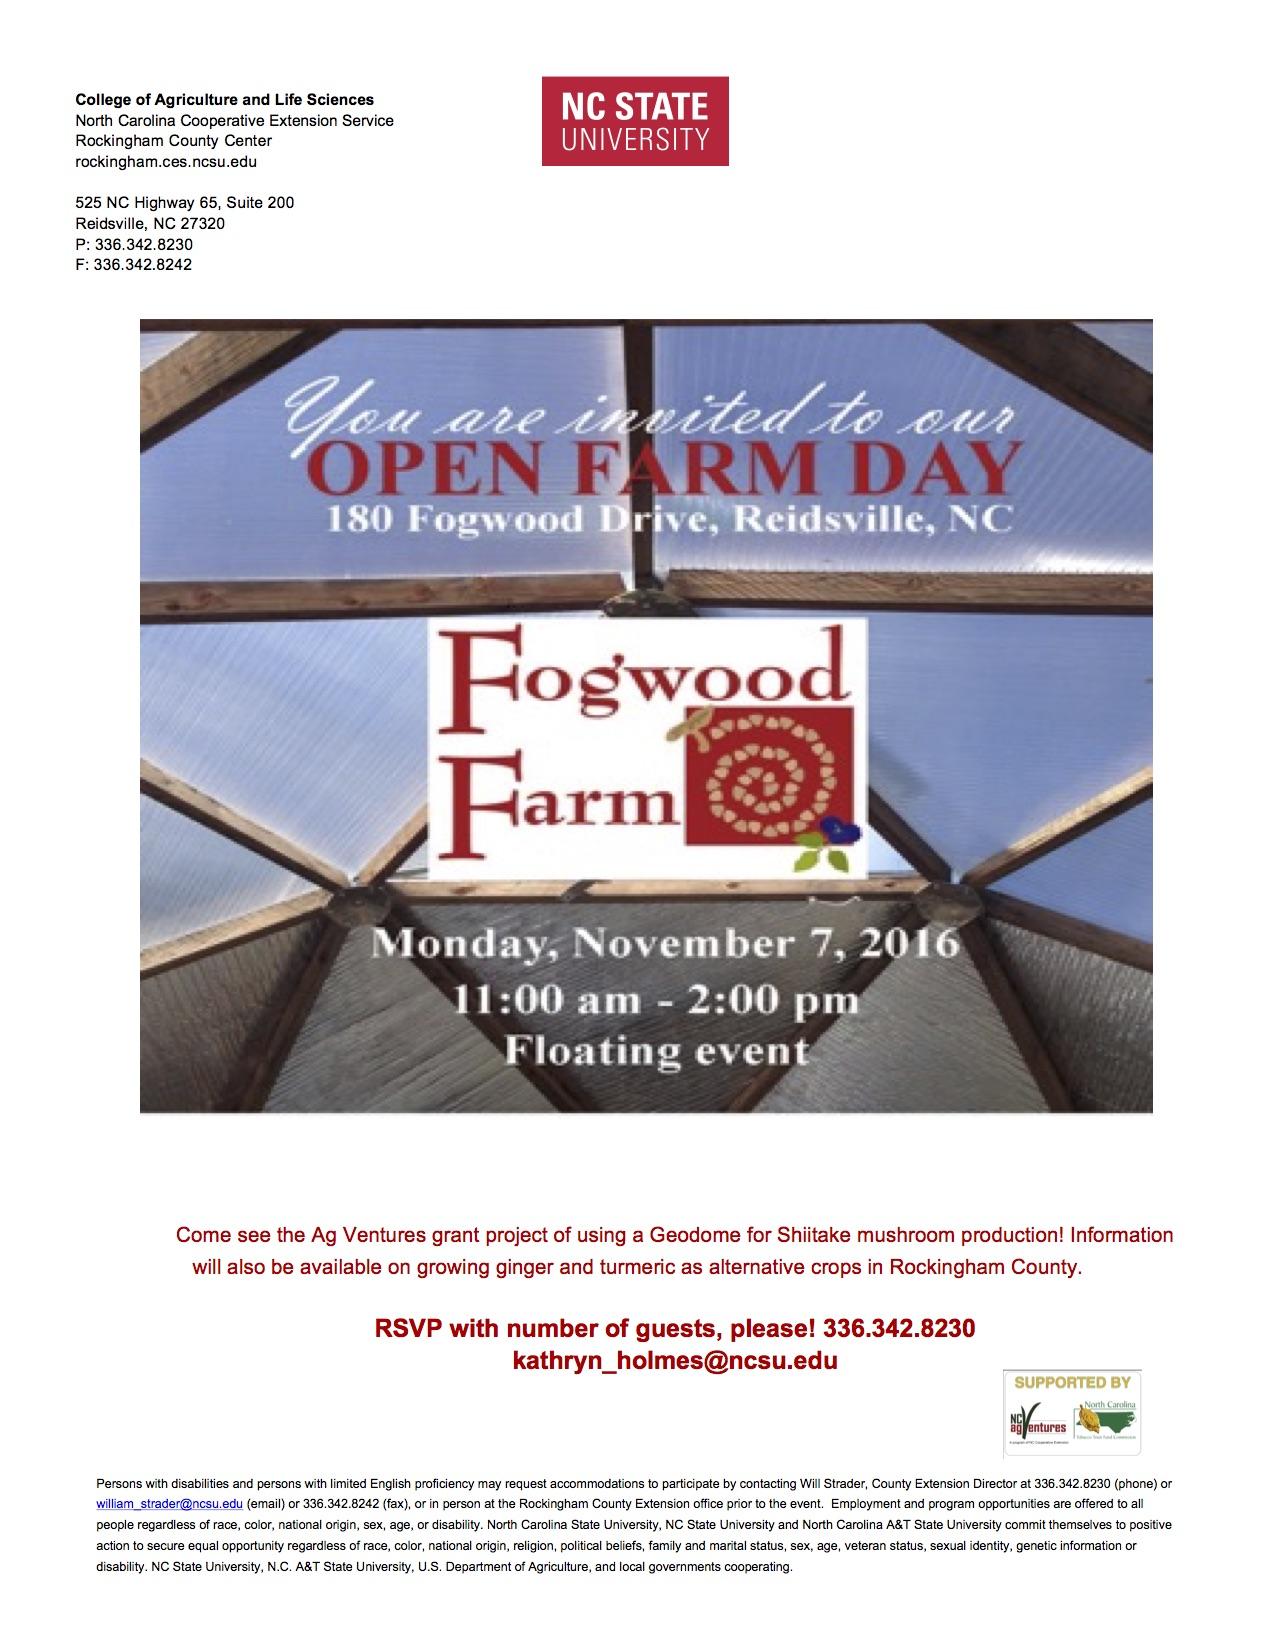 FogWood Farm Flyer